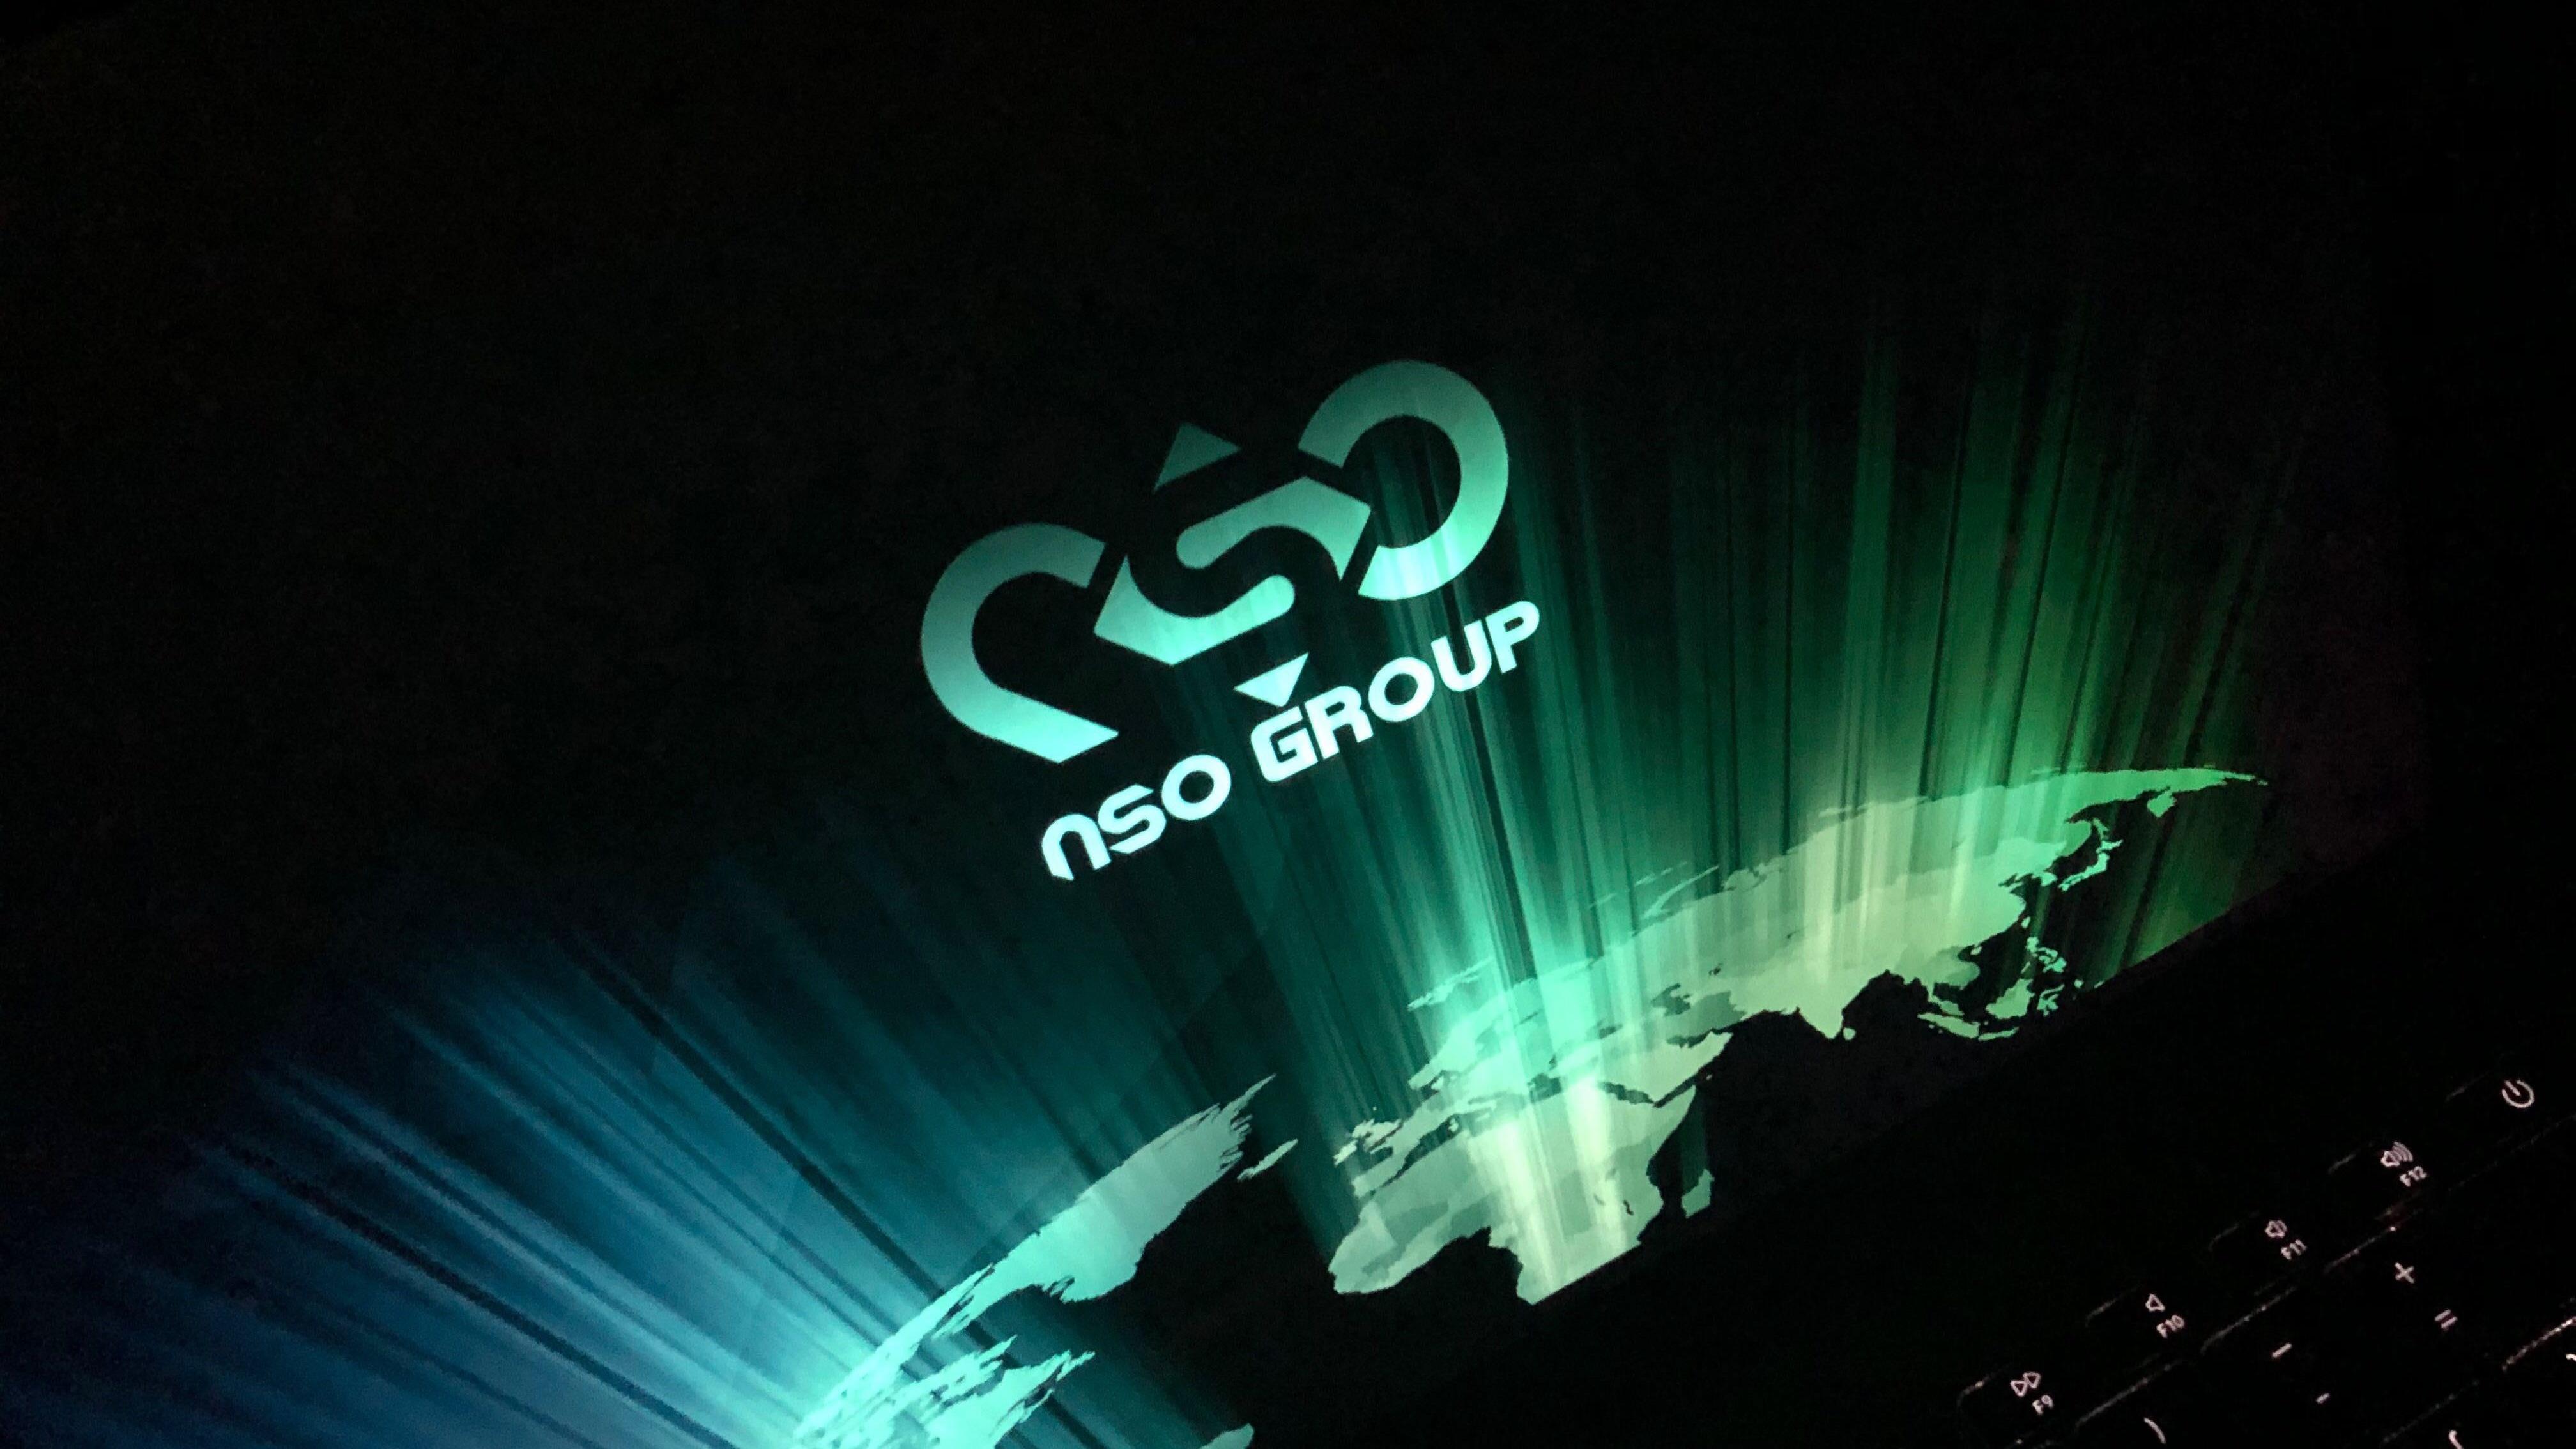 Израильский суд разрешил NSO Group экспортировать шпионское ПО